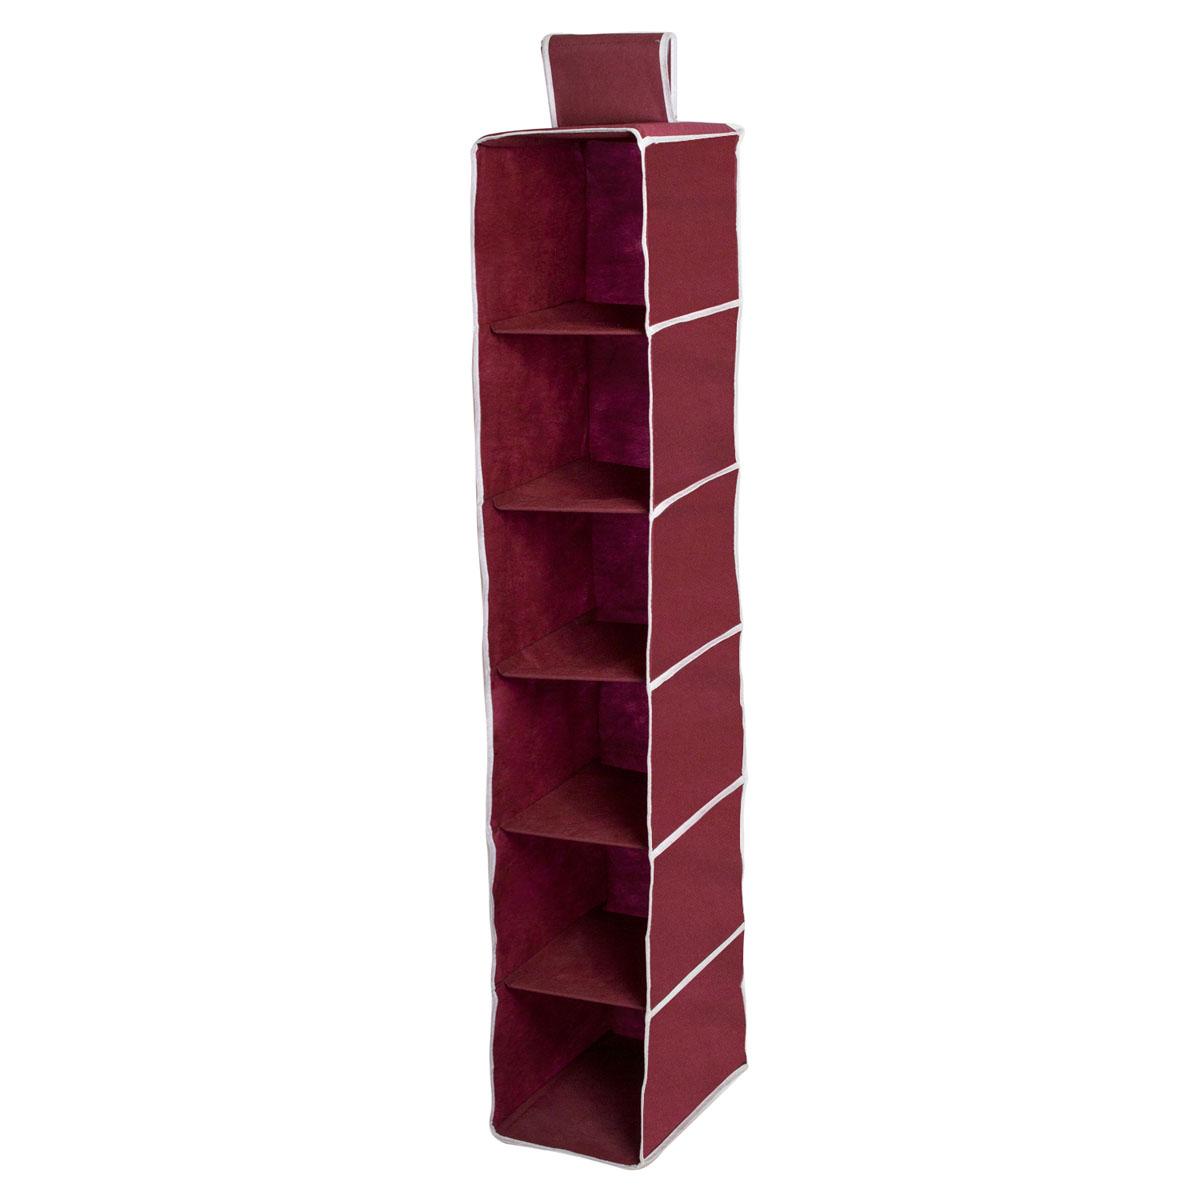 Органайзер подвесной Homsu Red Rose, 6 полок, 30 х 20 х 120 смHOM-16Подвесной органайзер Homsu Red Rose выполнен из прочного полиэстера - материала, который отличается прочностью, водоотталкивающими свойствами и практичностью. Изделие имеет 6 полок для хранения различных предметов, в том числе одежды, детских игрушек. Органайзер подвешивается к карнизу, рейлингу, стальным трубам и крепежам с помощью специальной петли. Размер полки: 30 х 20 см.